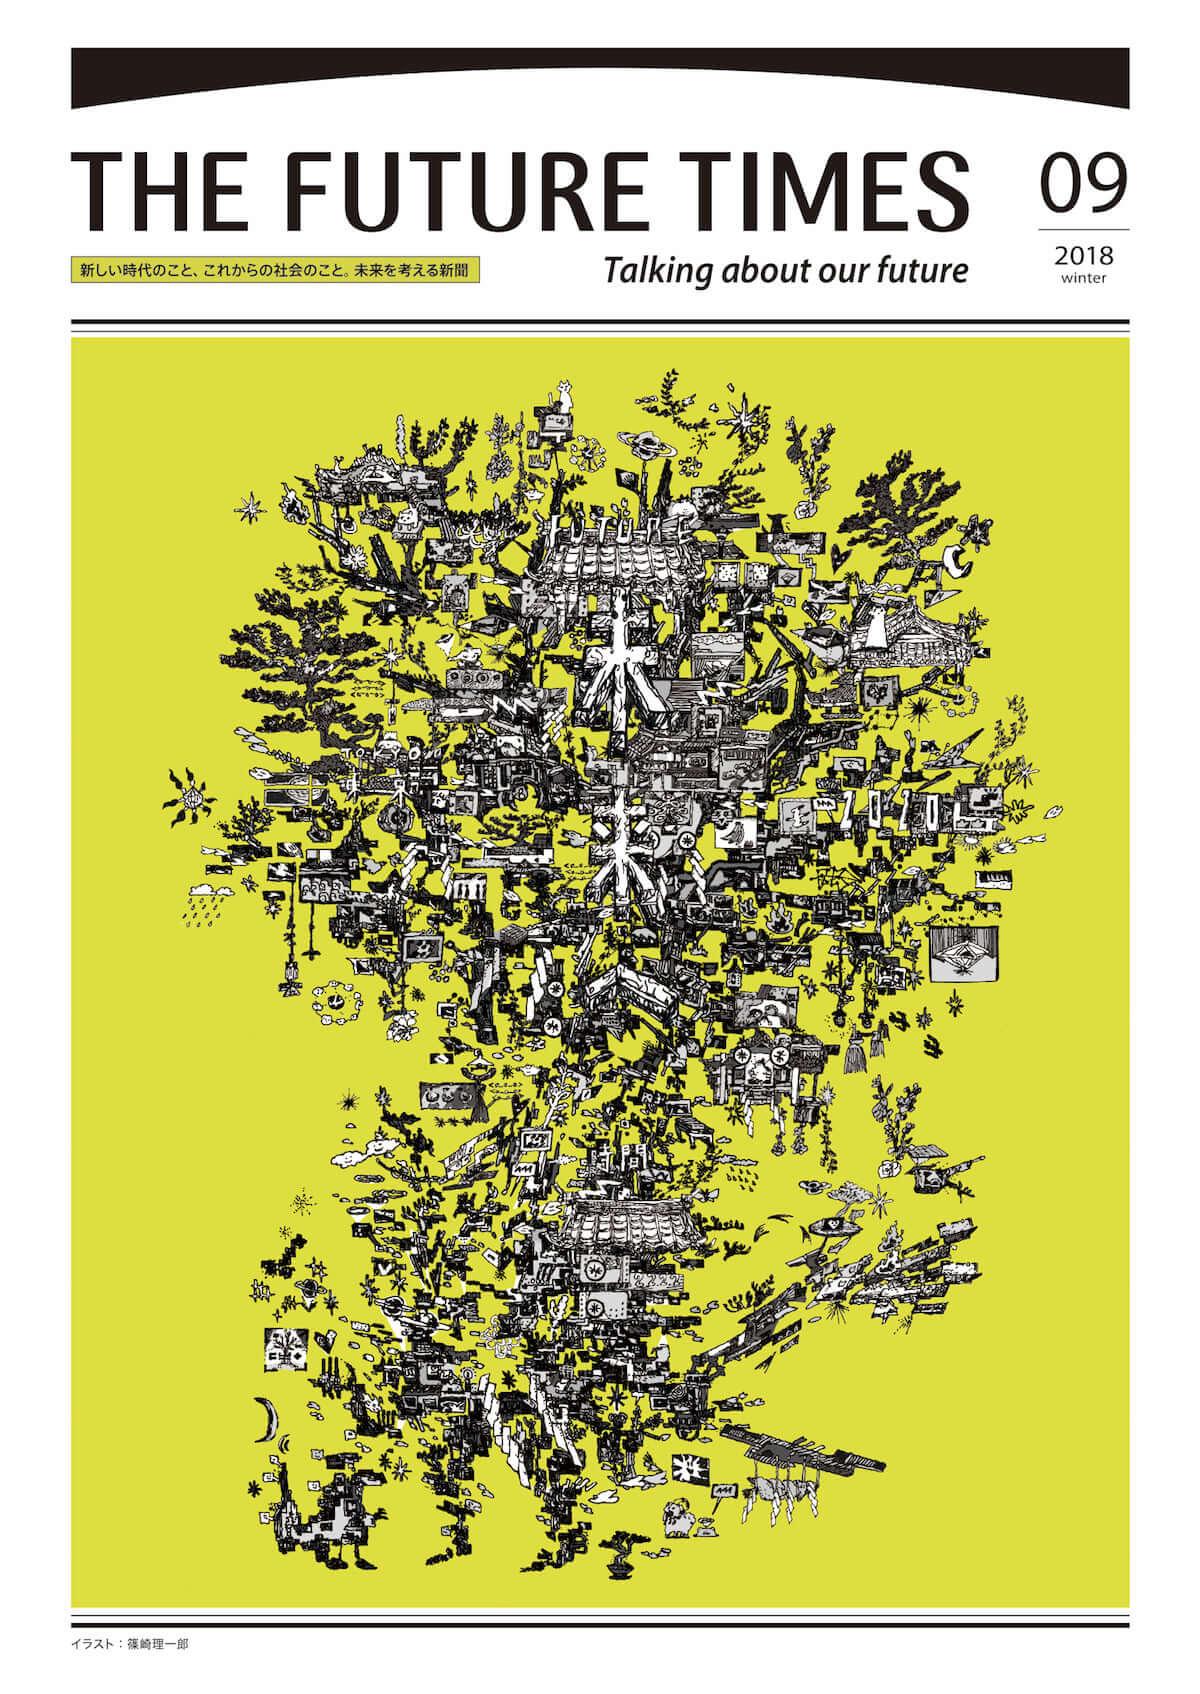 アジカン・後藤正文が編集長の新聞『THE FUTURE TIMES』の最新号が本日より配布開始 hyo1-1200x1694